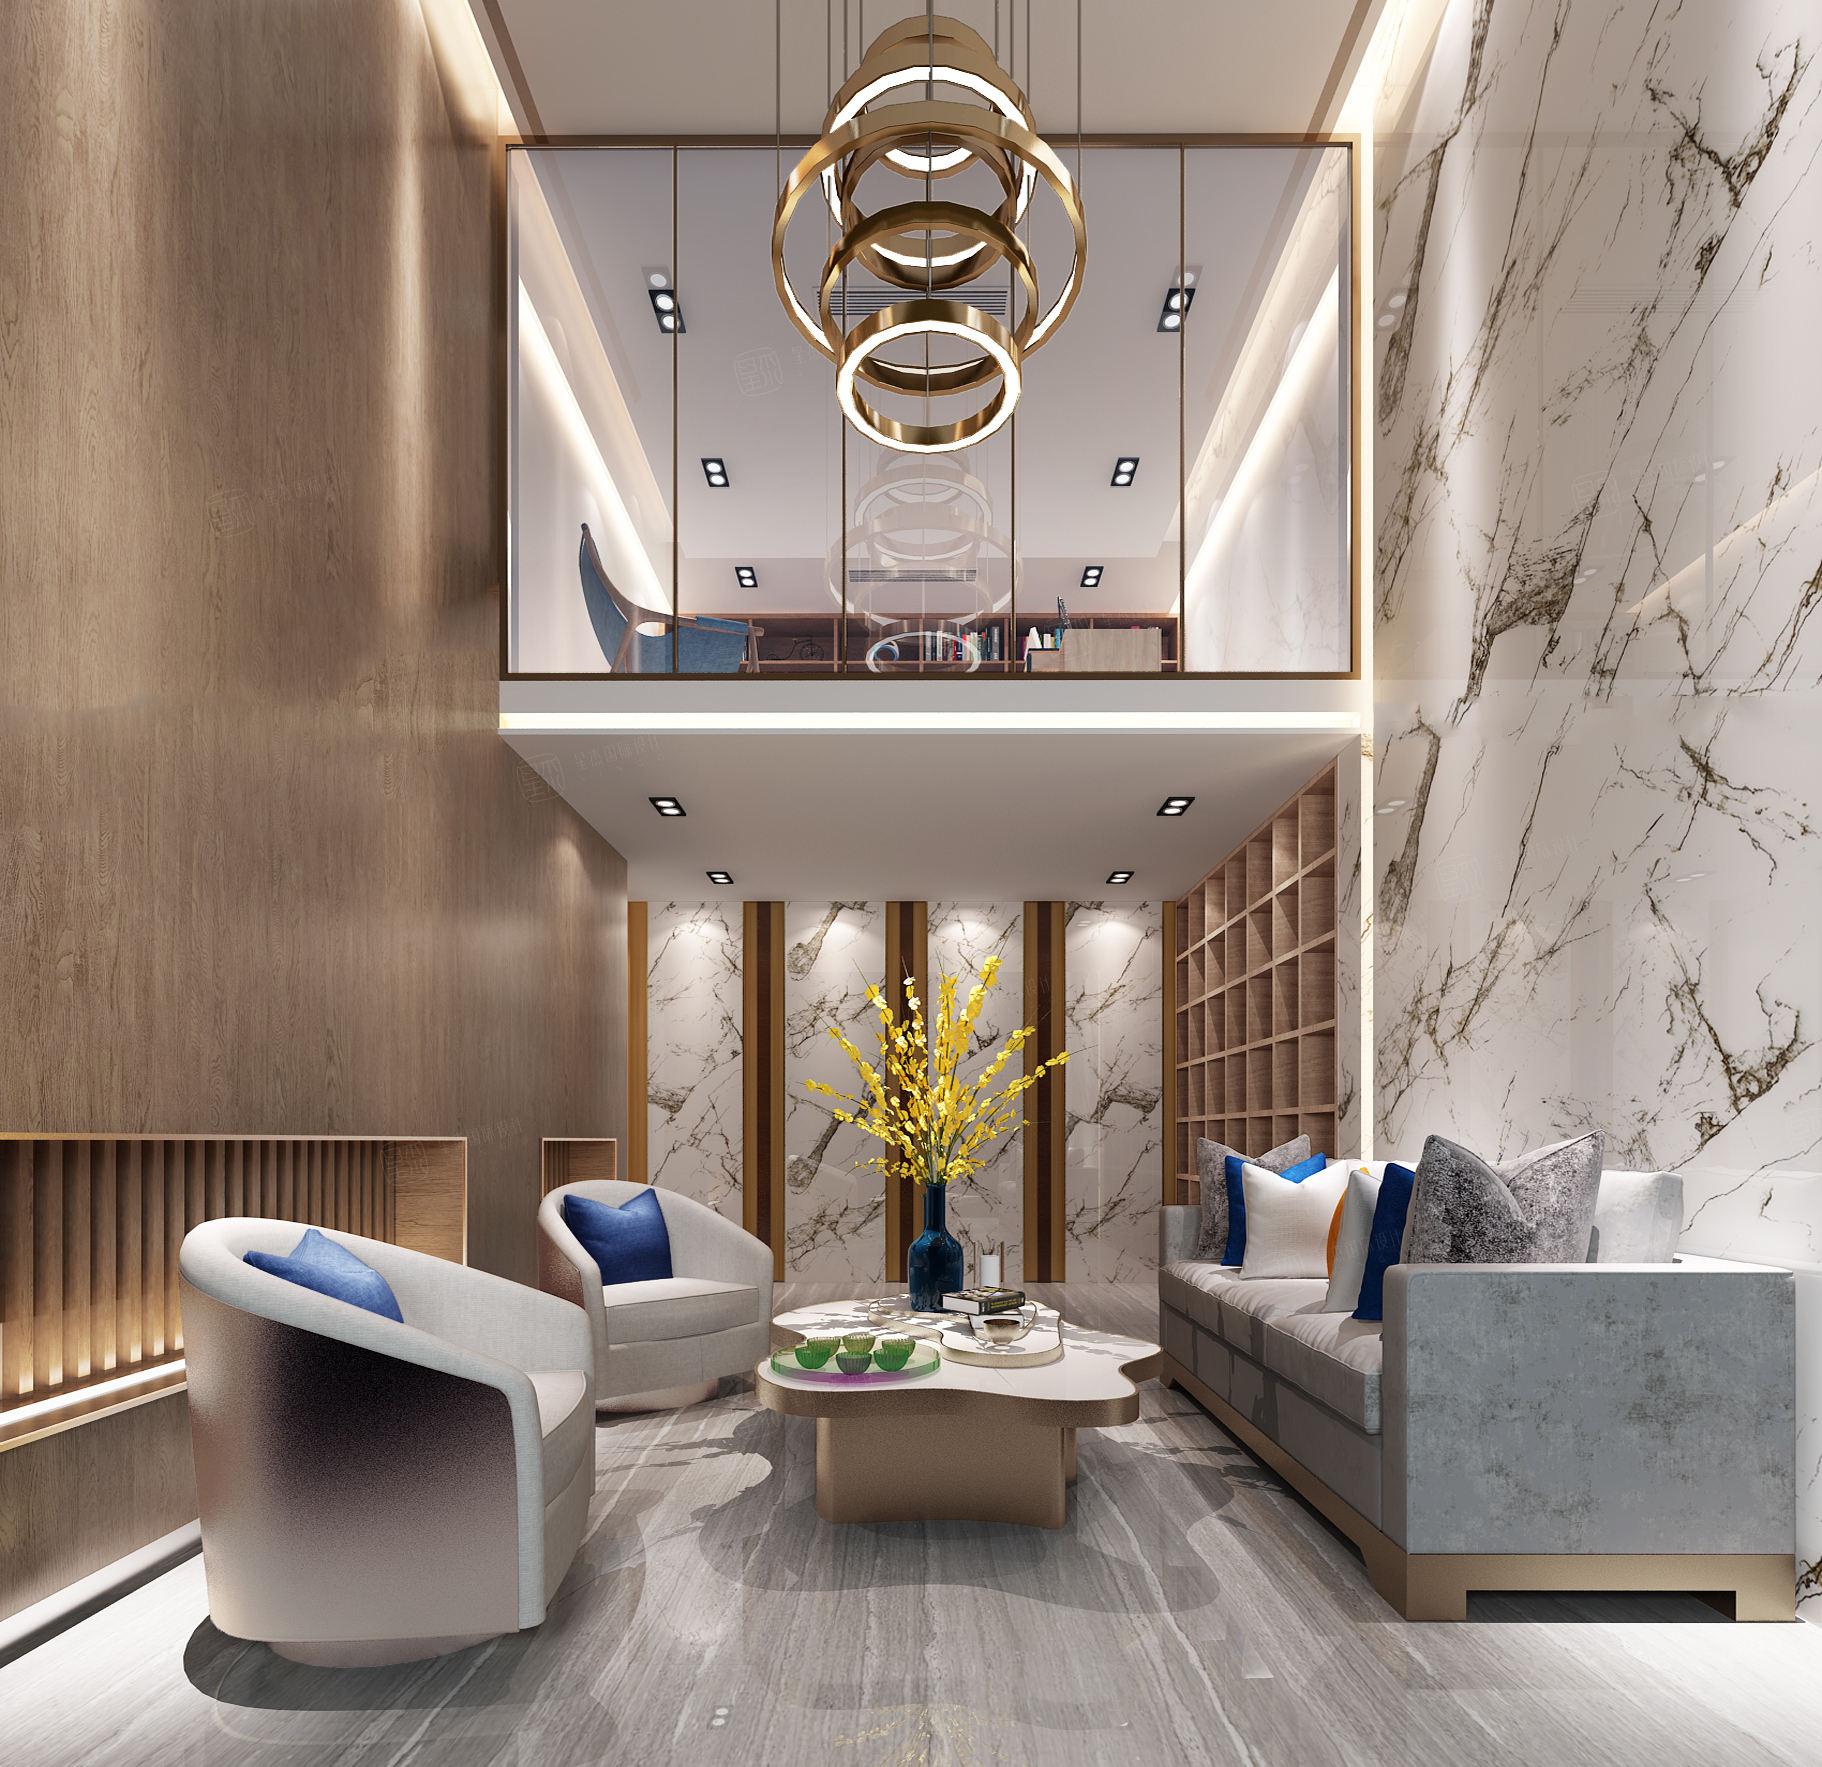 中邦上海城 现代简约装修客厅效果图